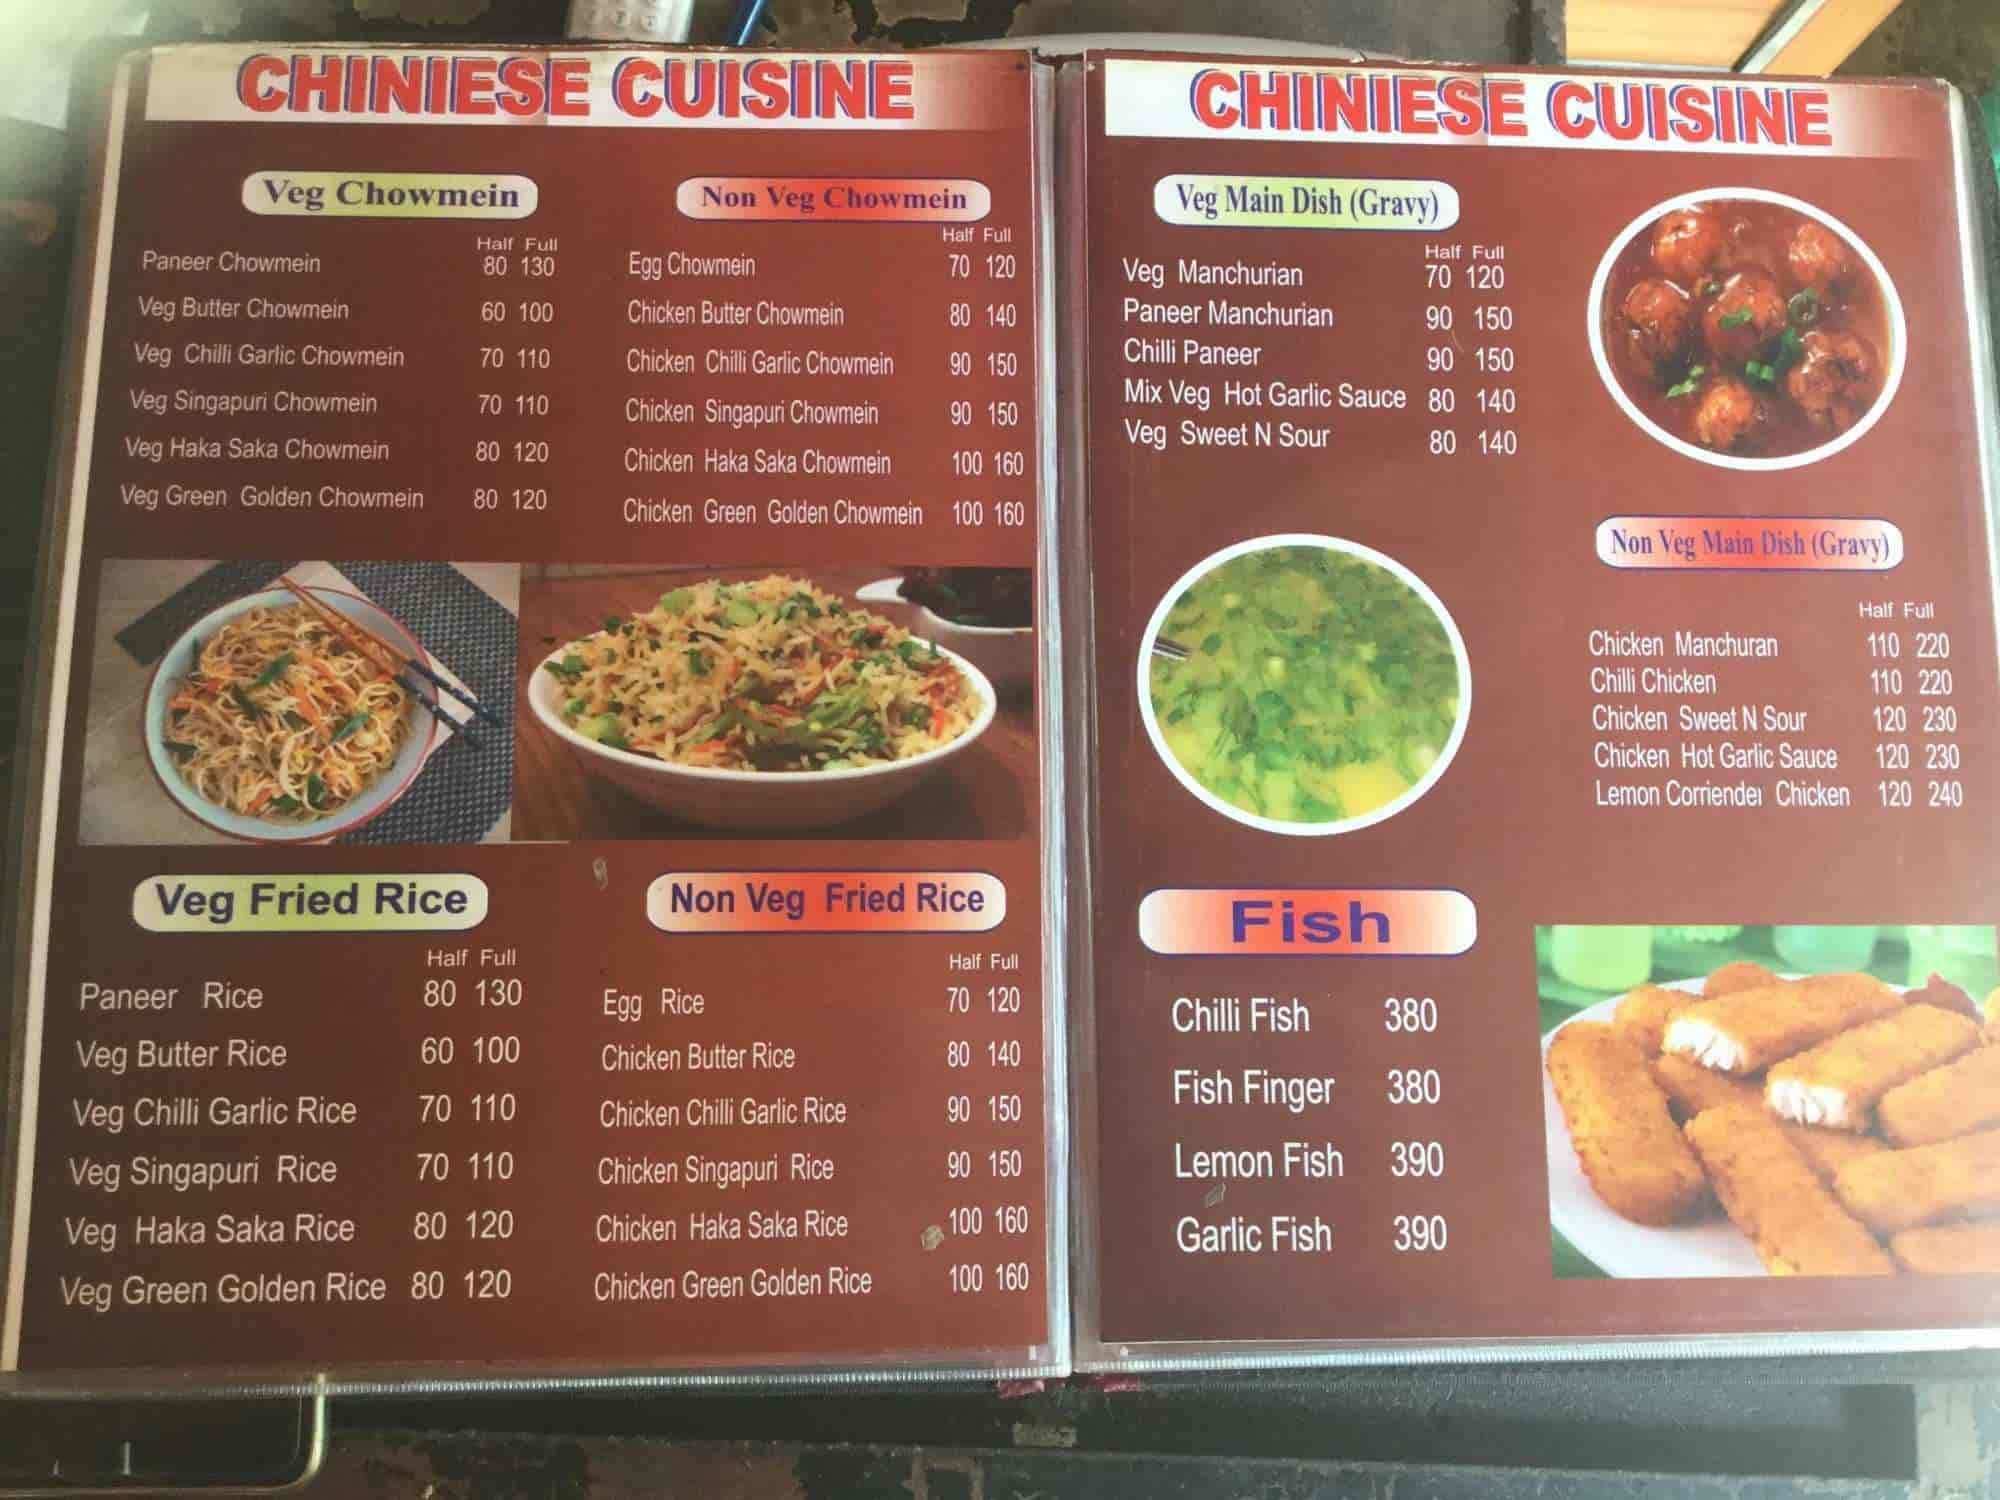 Chili's Treat, Najafgarh, Delhi - North Indian, Chinese Cuisine